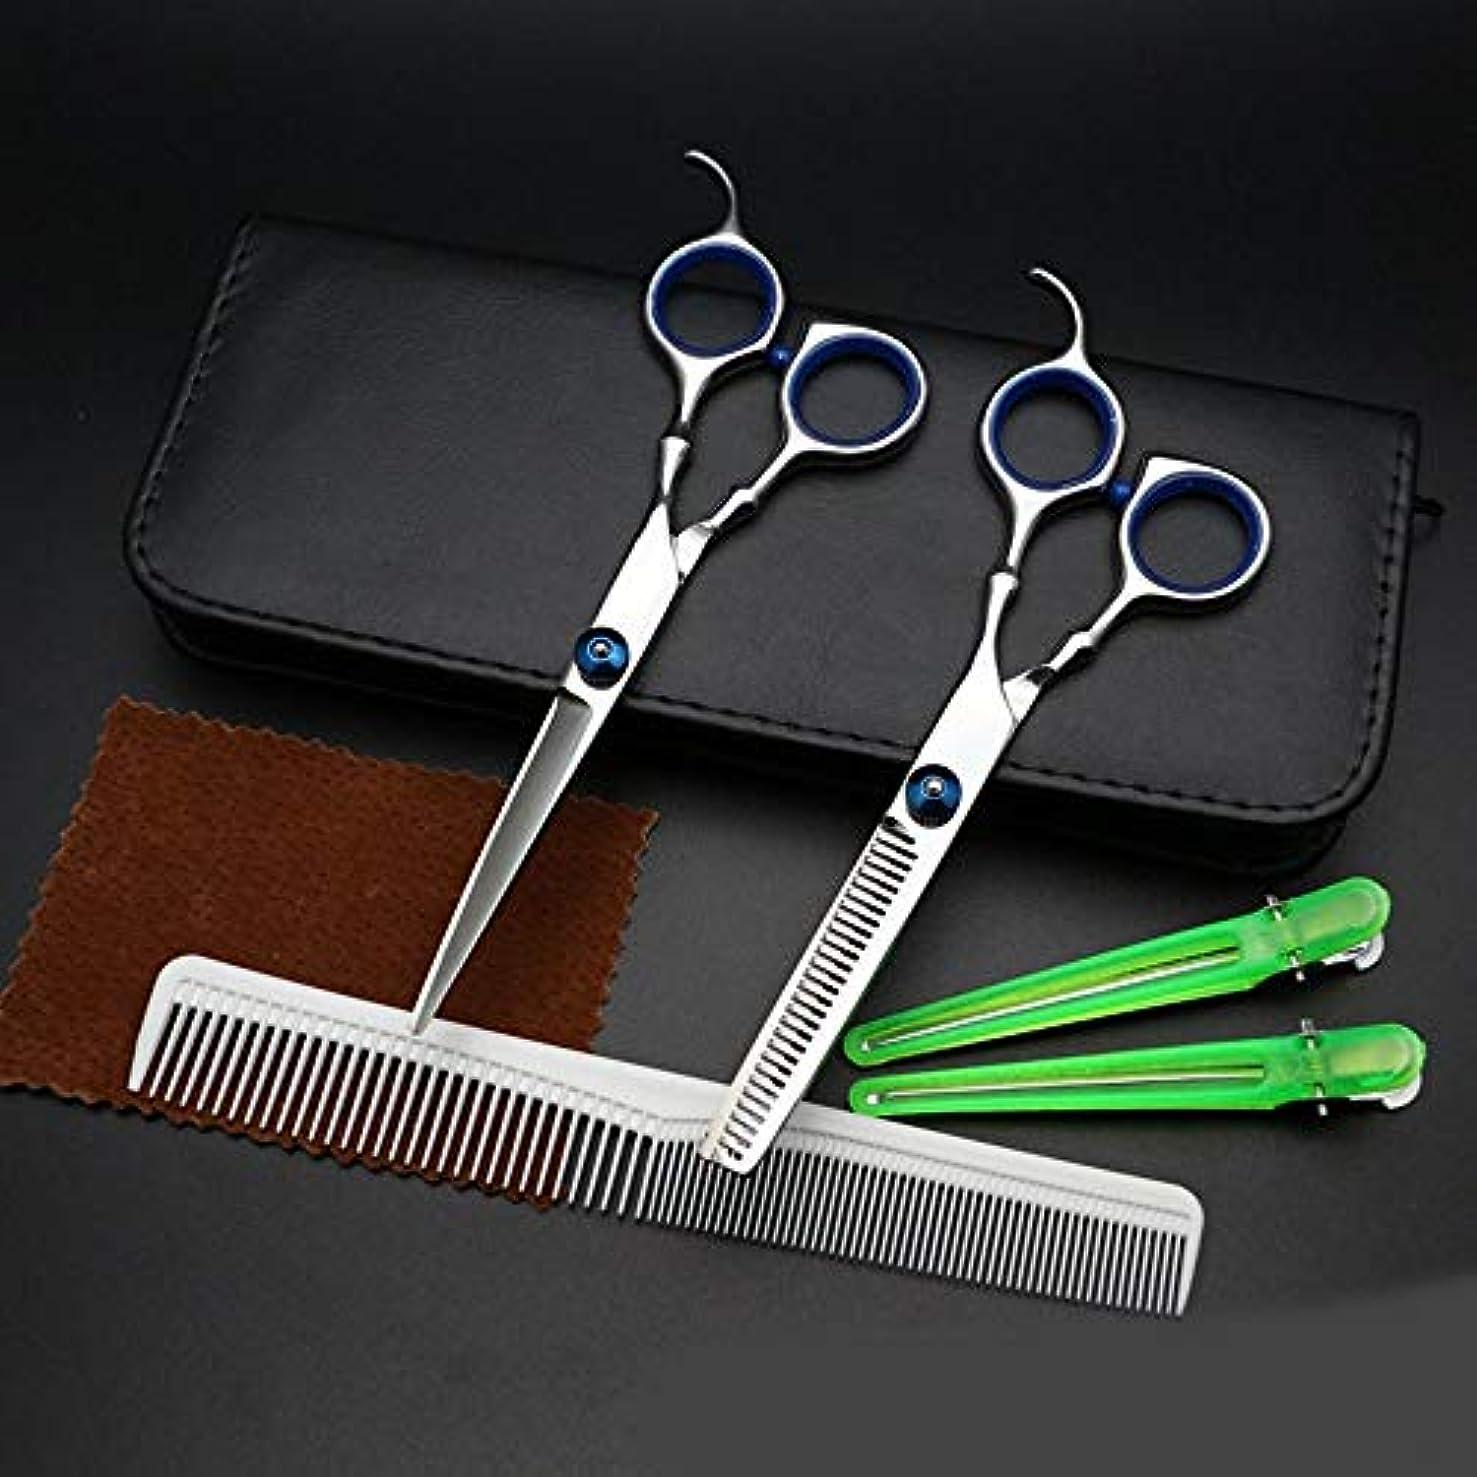 反抗ロンドンうぬぼれWASAIO ブルースクリュー理髪はさみ竹プロフェッショナル理容テクスチャーサロンレイザーエッジシザーヘアカットのはさみステンレスツールセット6.0インチハンドル (色 : 青)